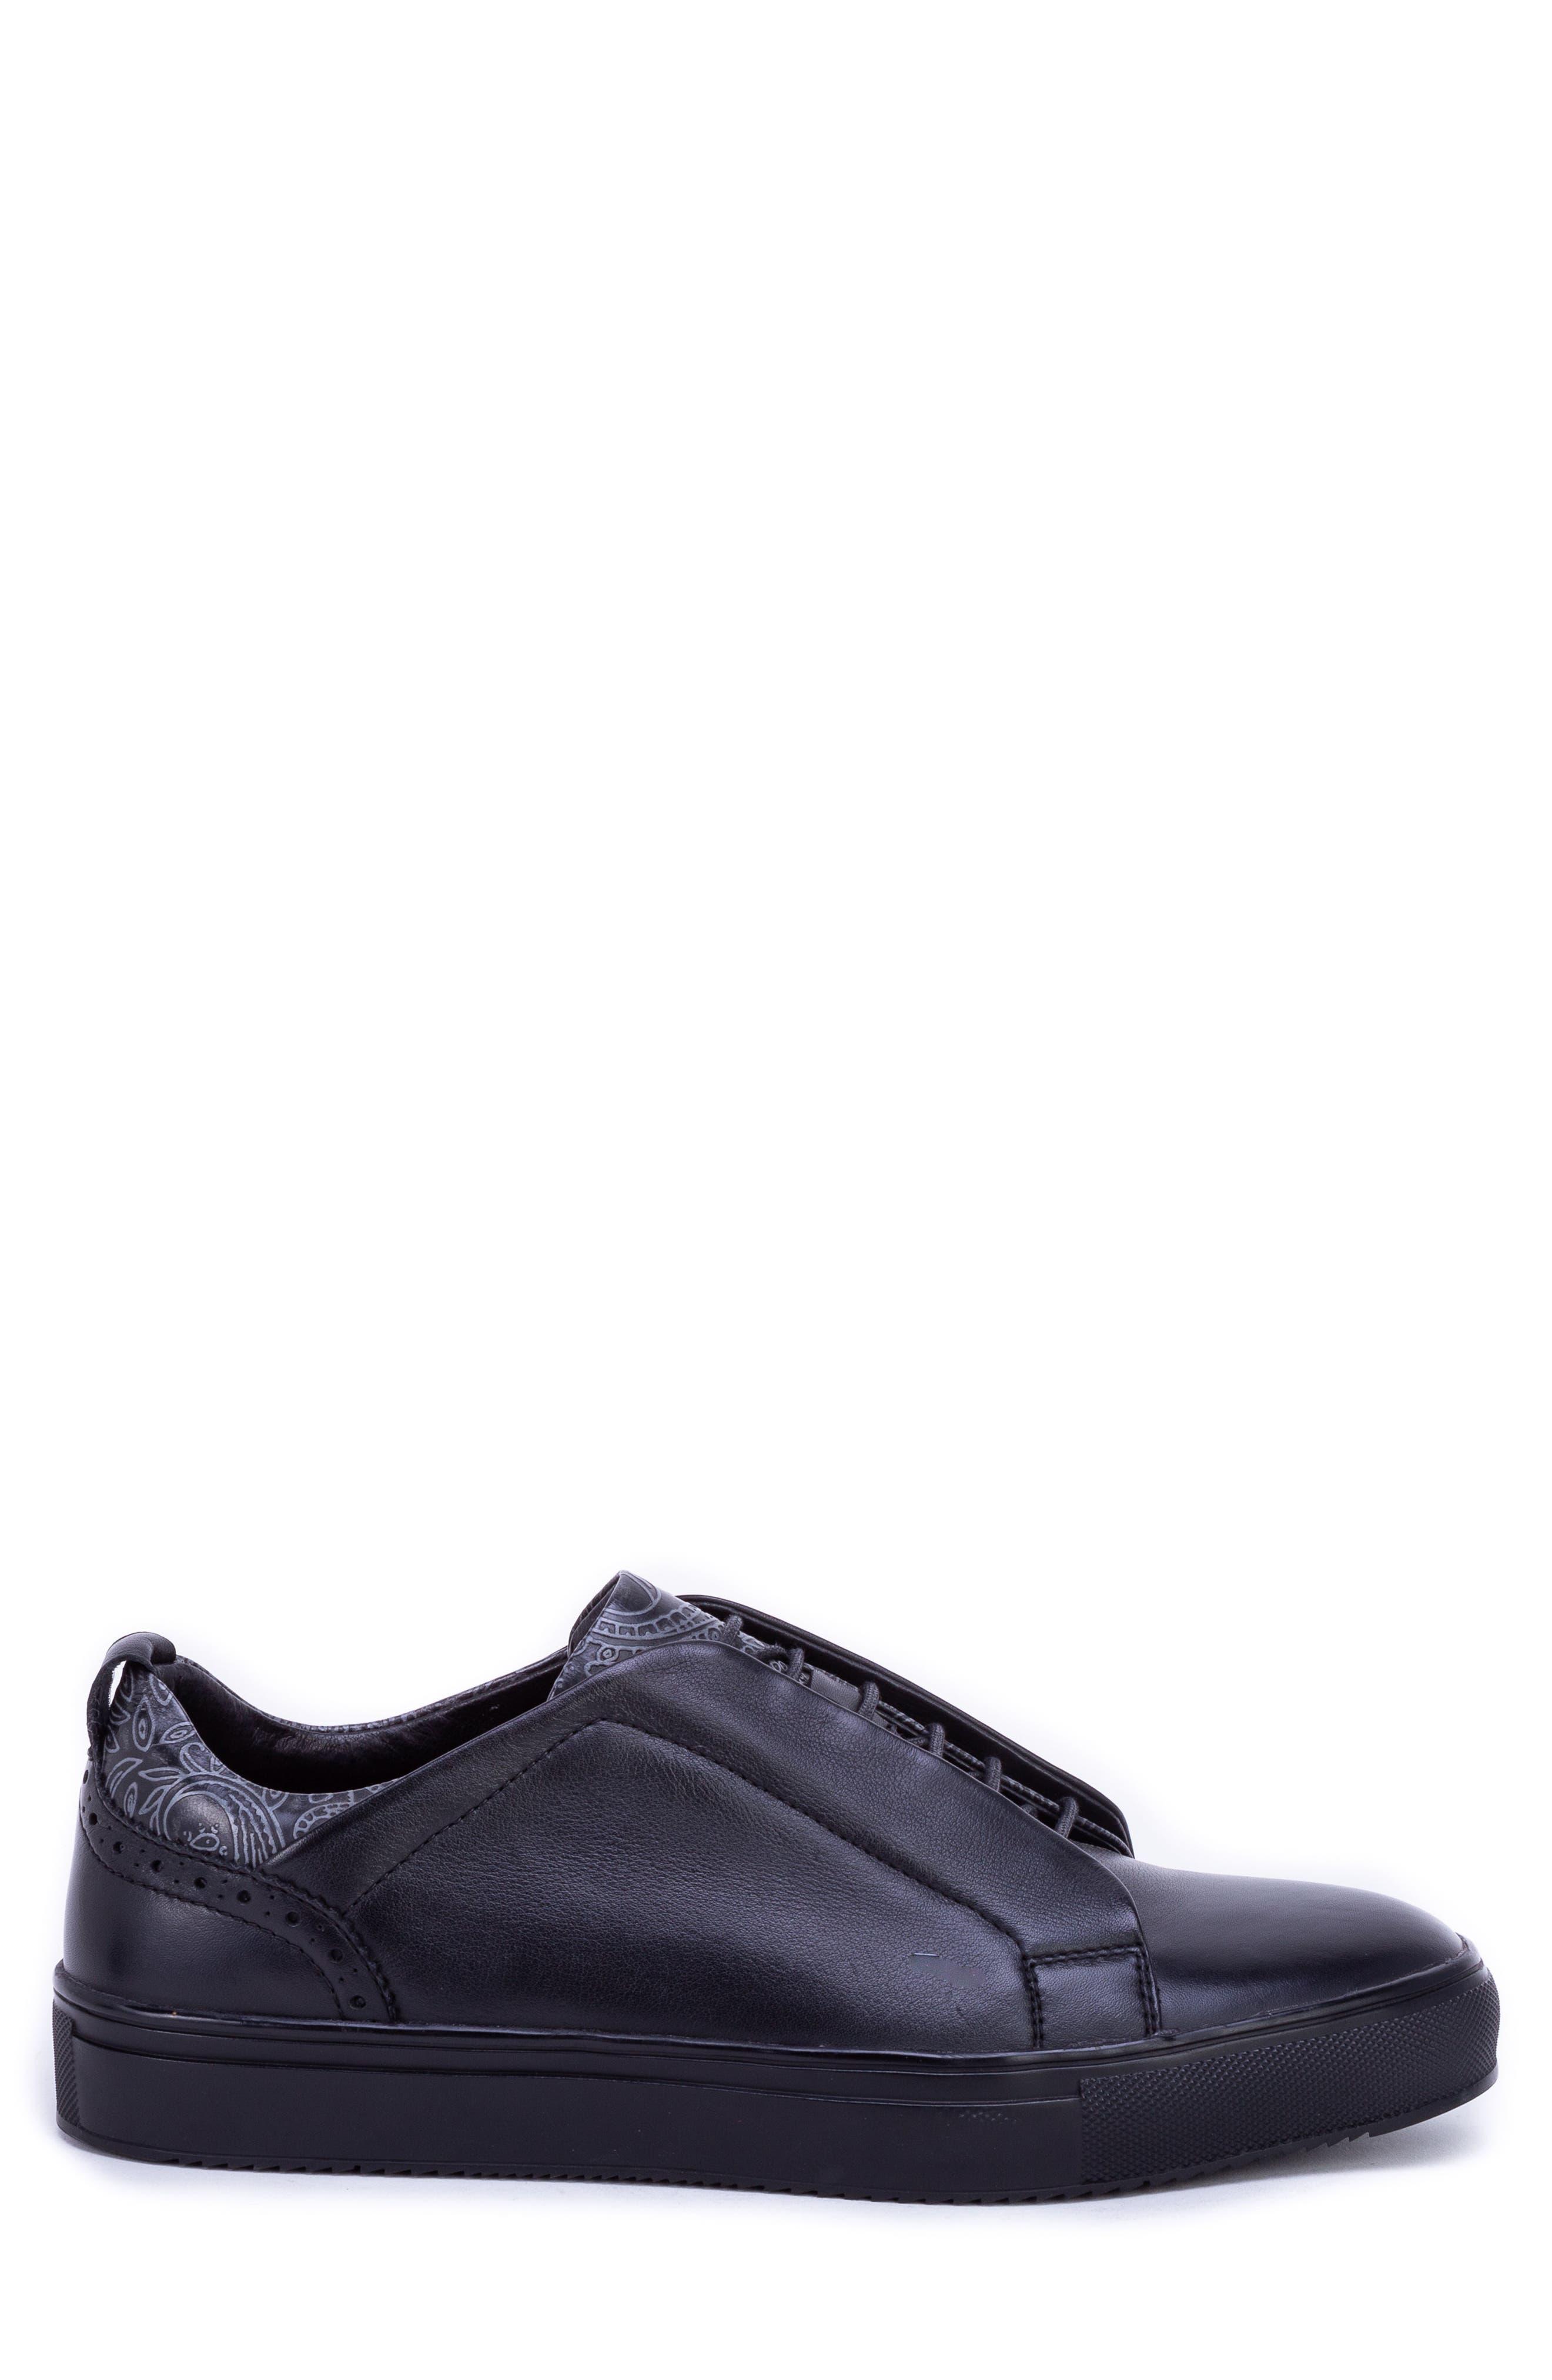 Sharpe Textured Sneaker,                             Alternate thumbnail 3, color,                             001